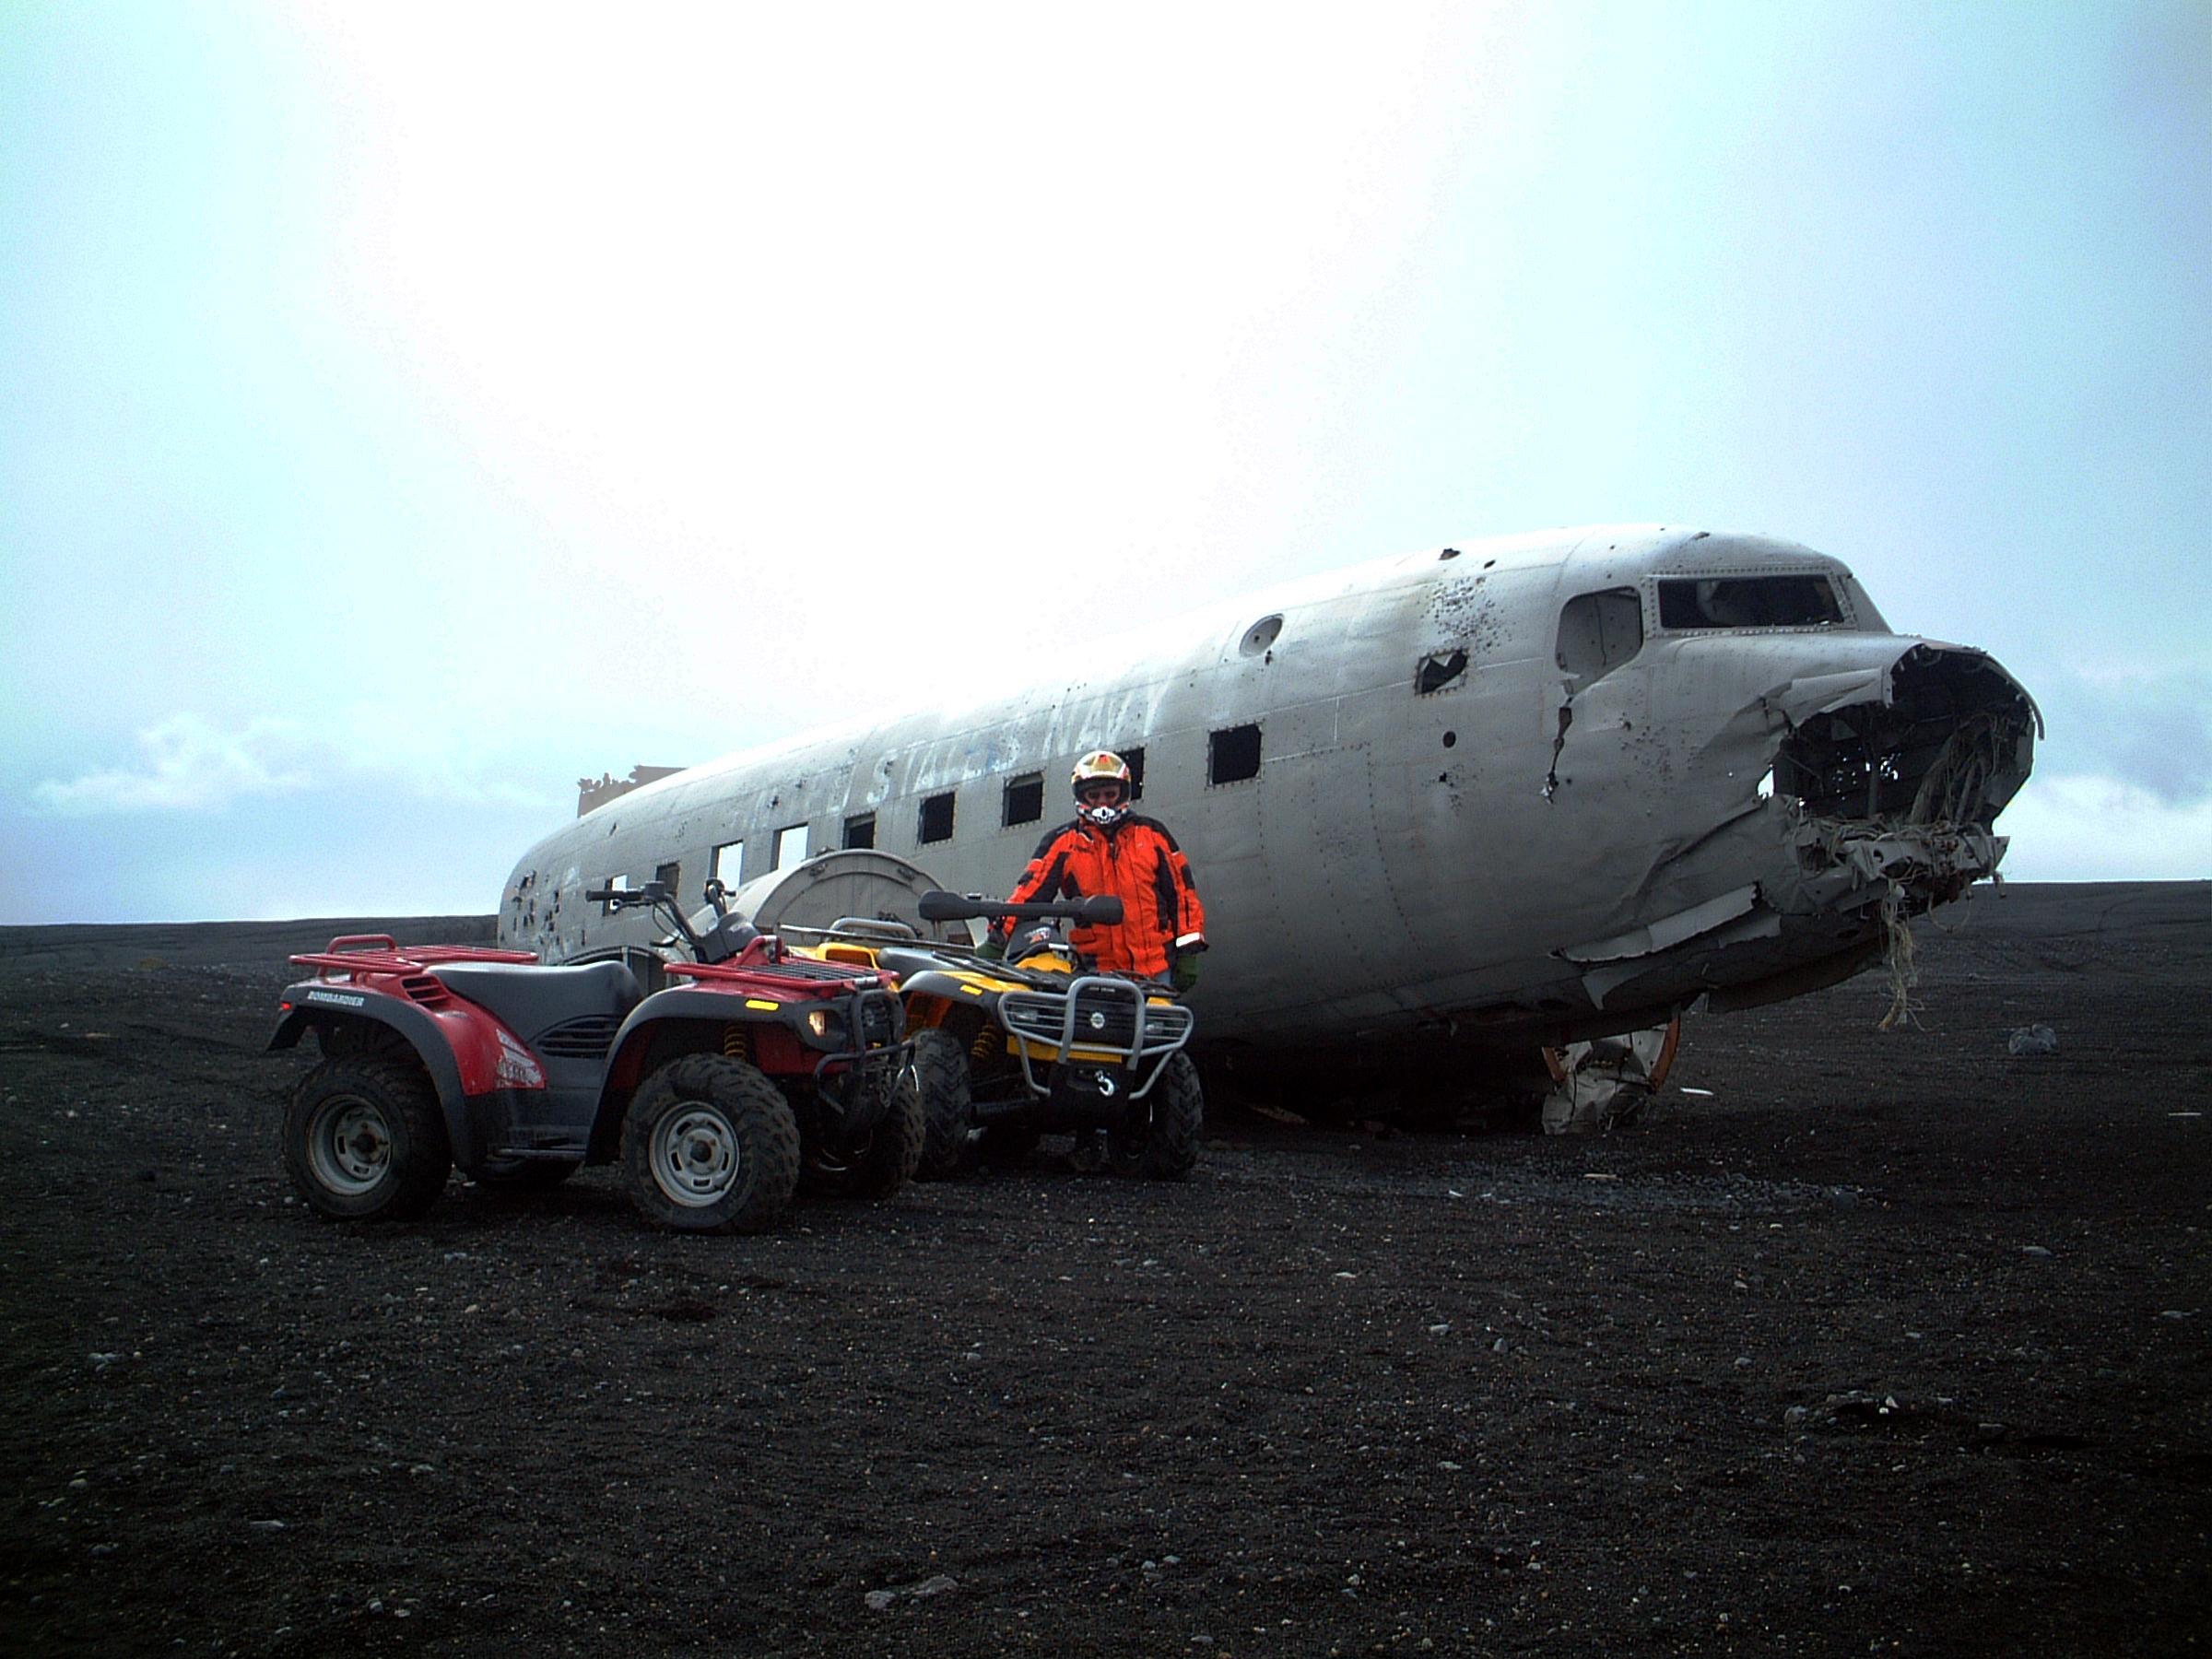 Kör en kraftfull fyrhjuling till DC3-flygplansvraket.